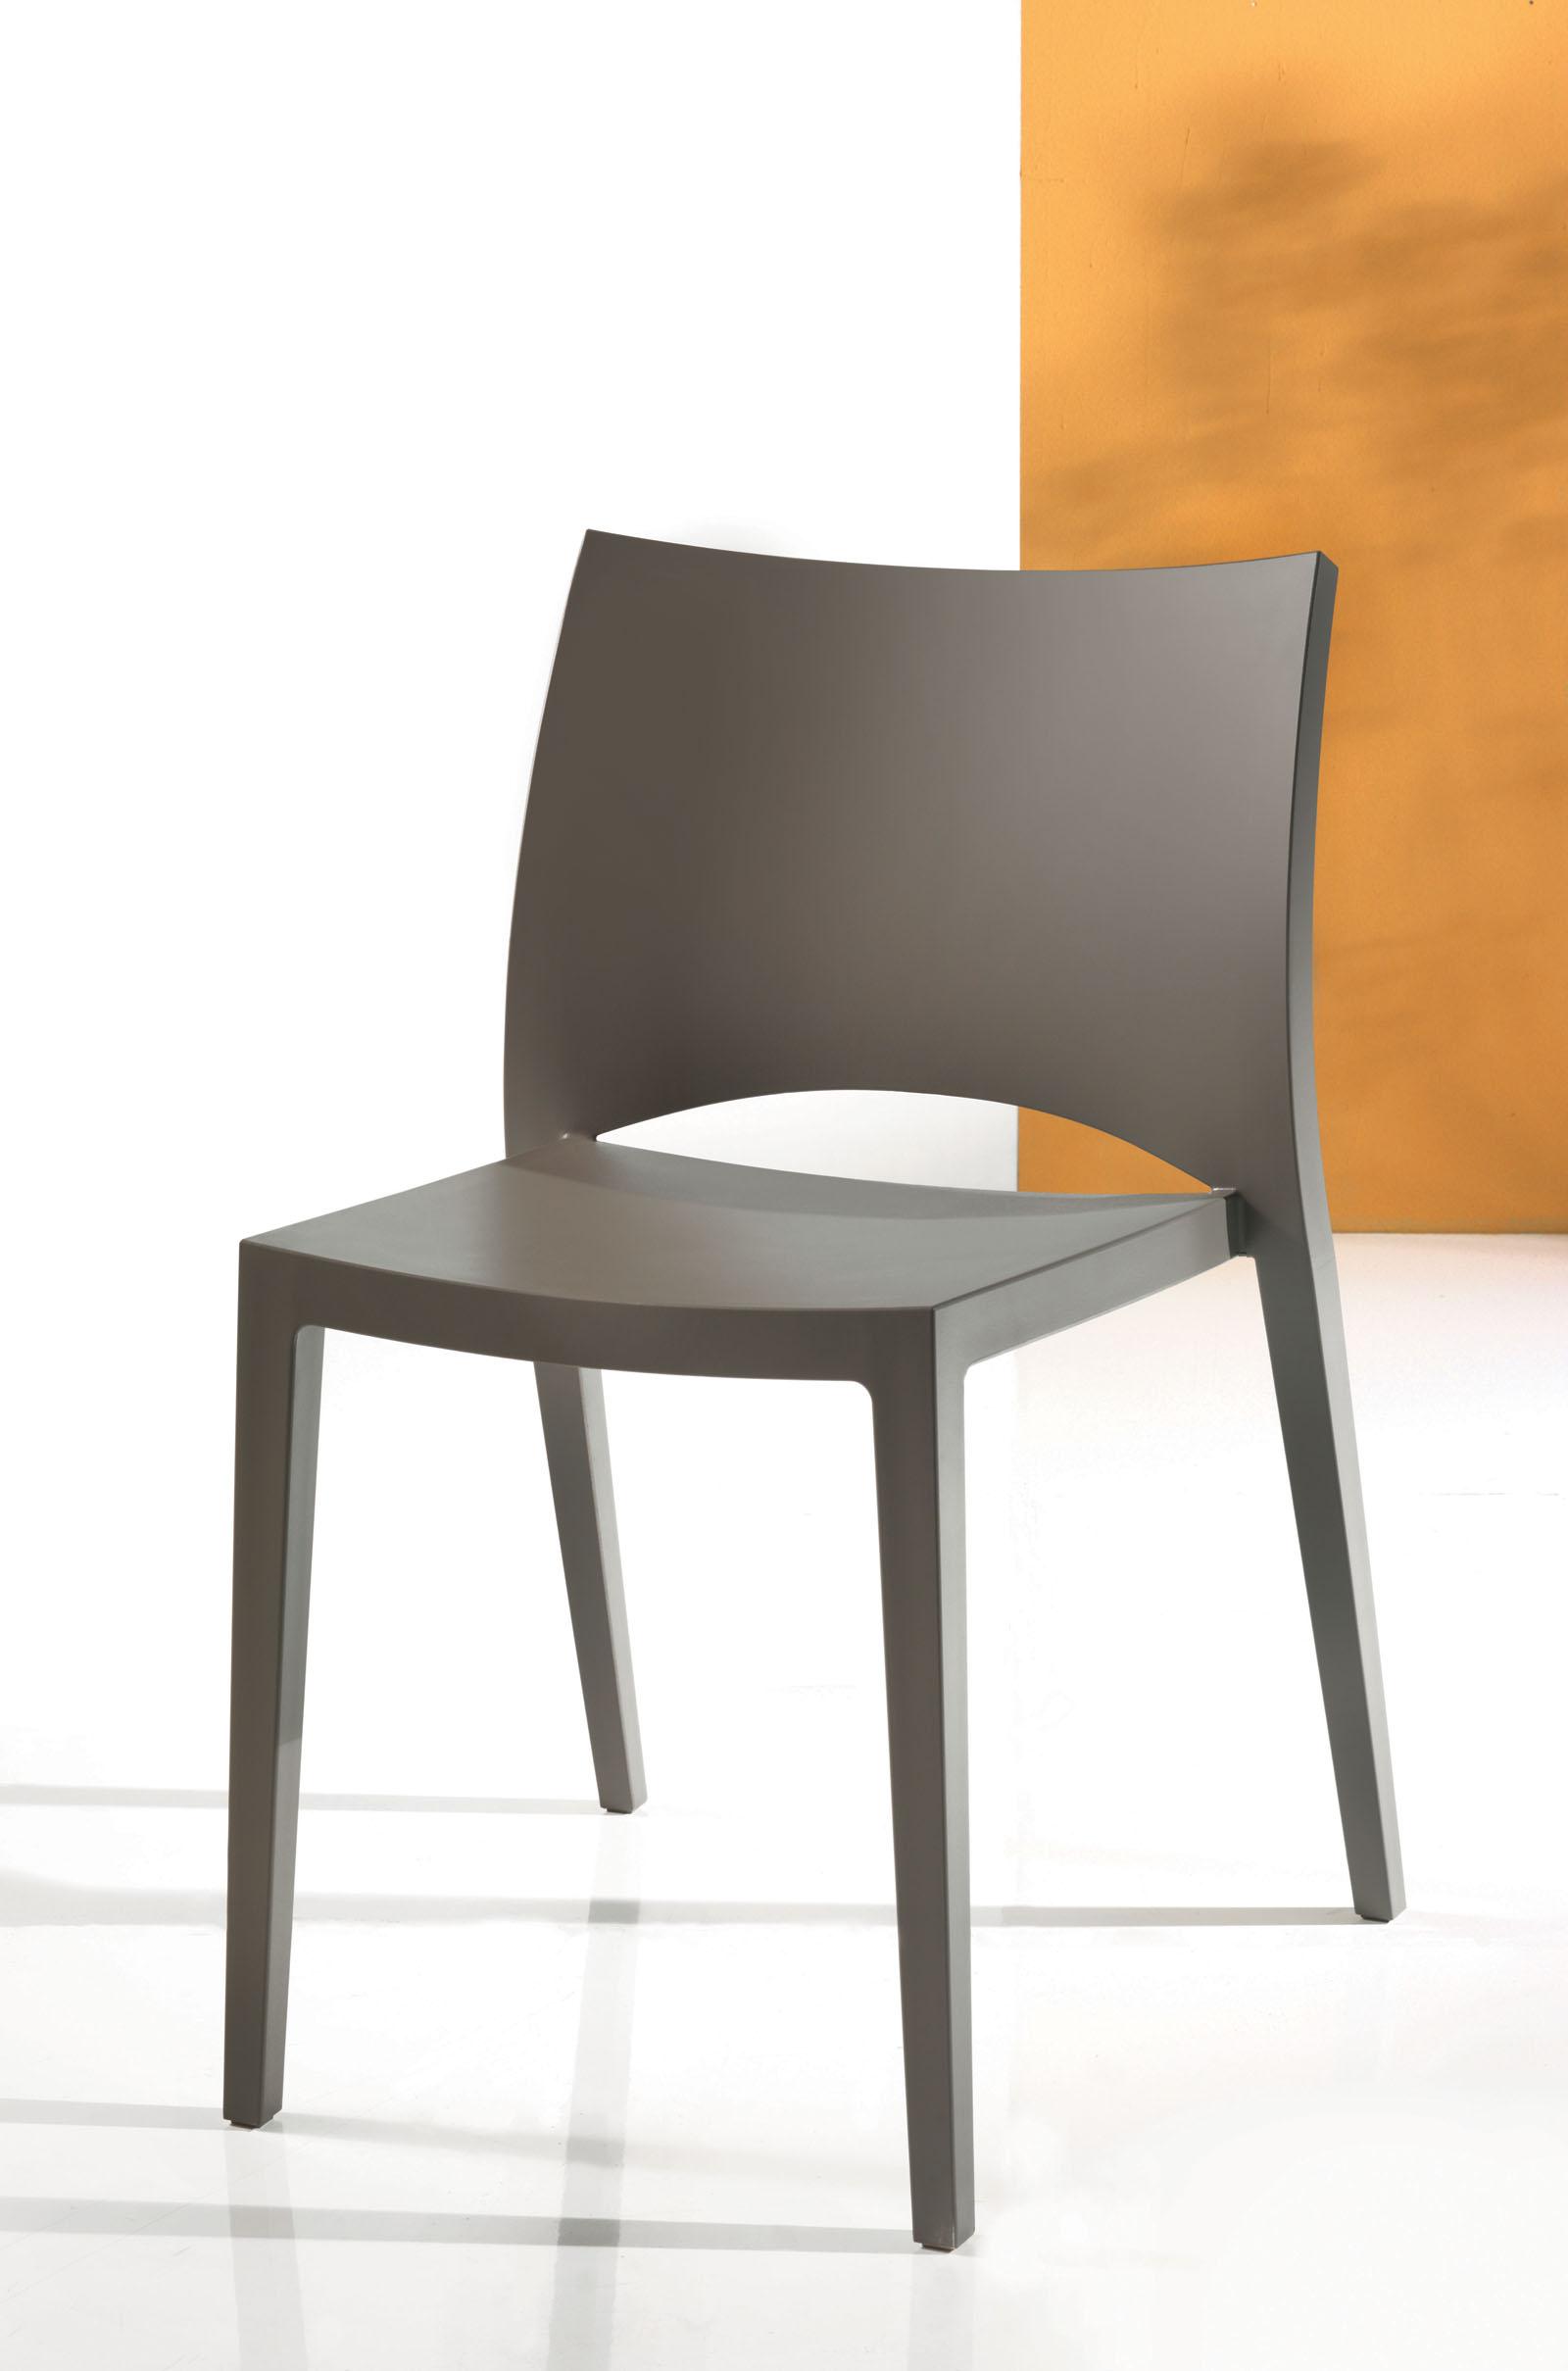 Of Mercatone Uno Tavoli In Legno Metallo Vetro Tavoli On Pinterest #BF700C 1600 2419 Mercatone Uno Tavoli E Sedie